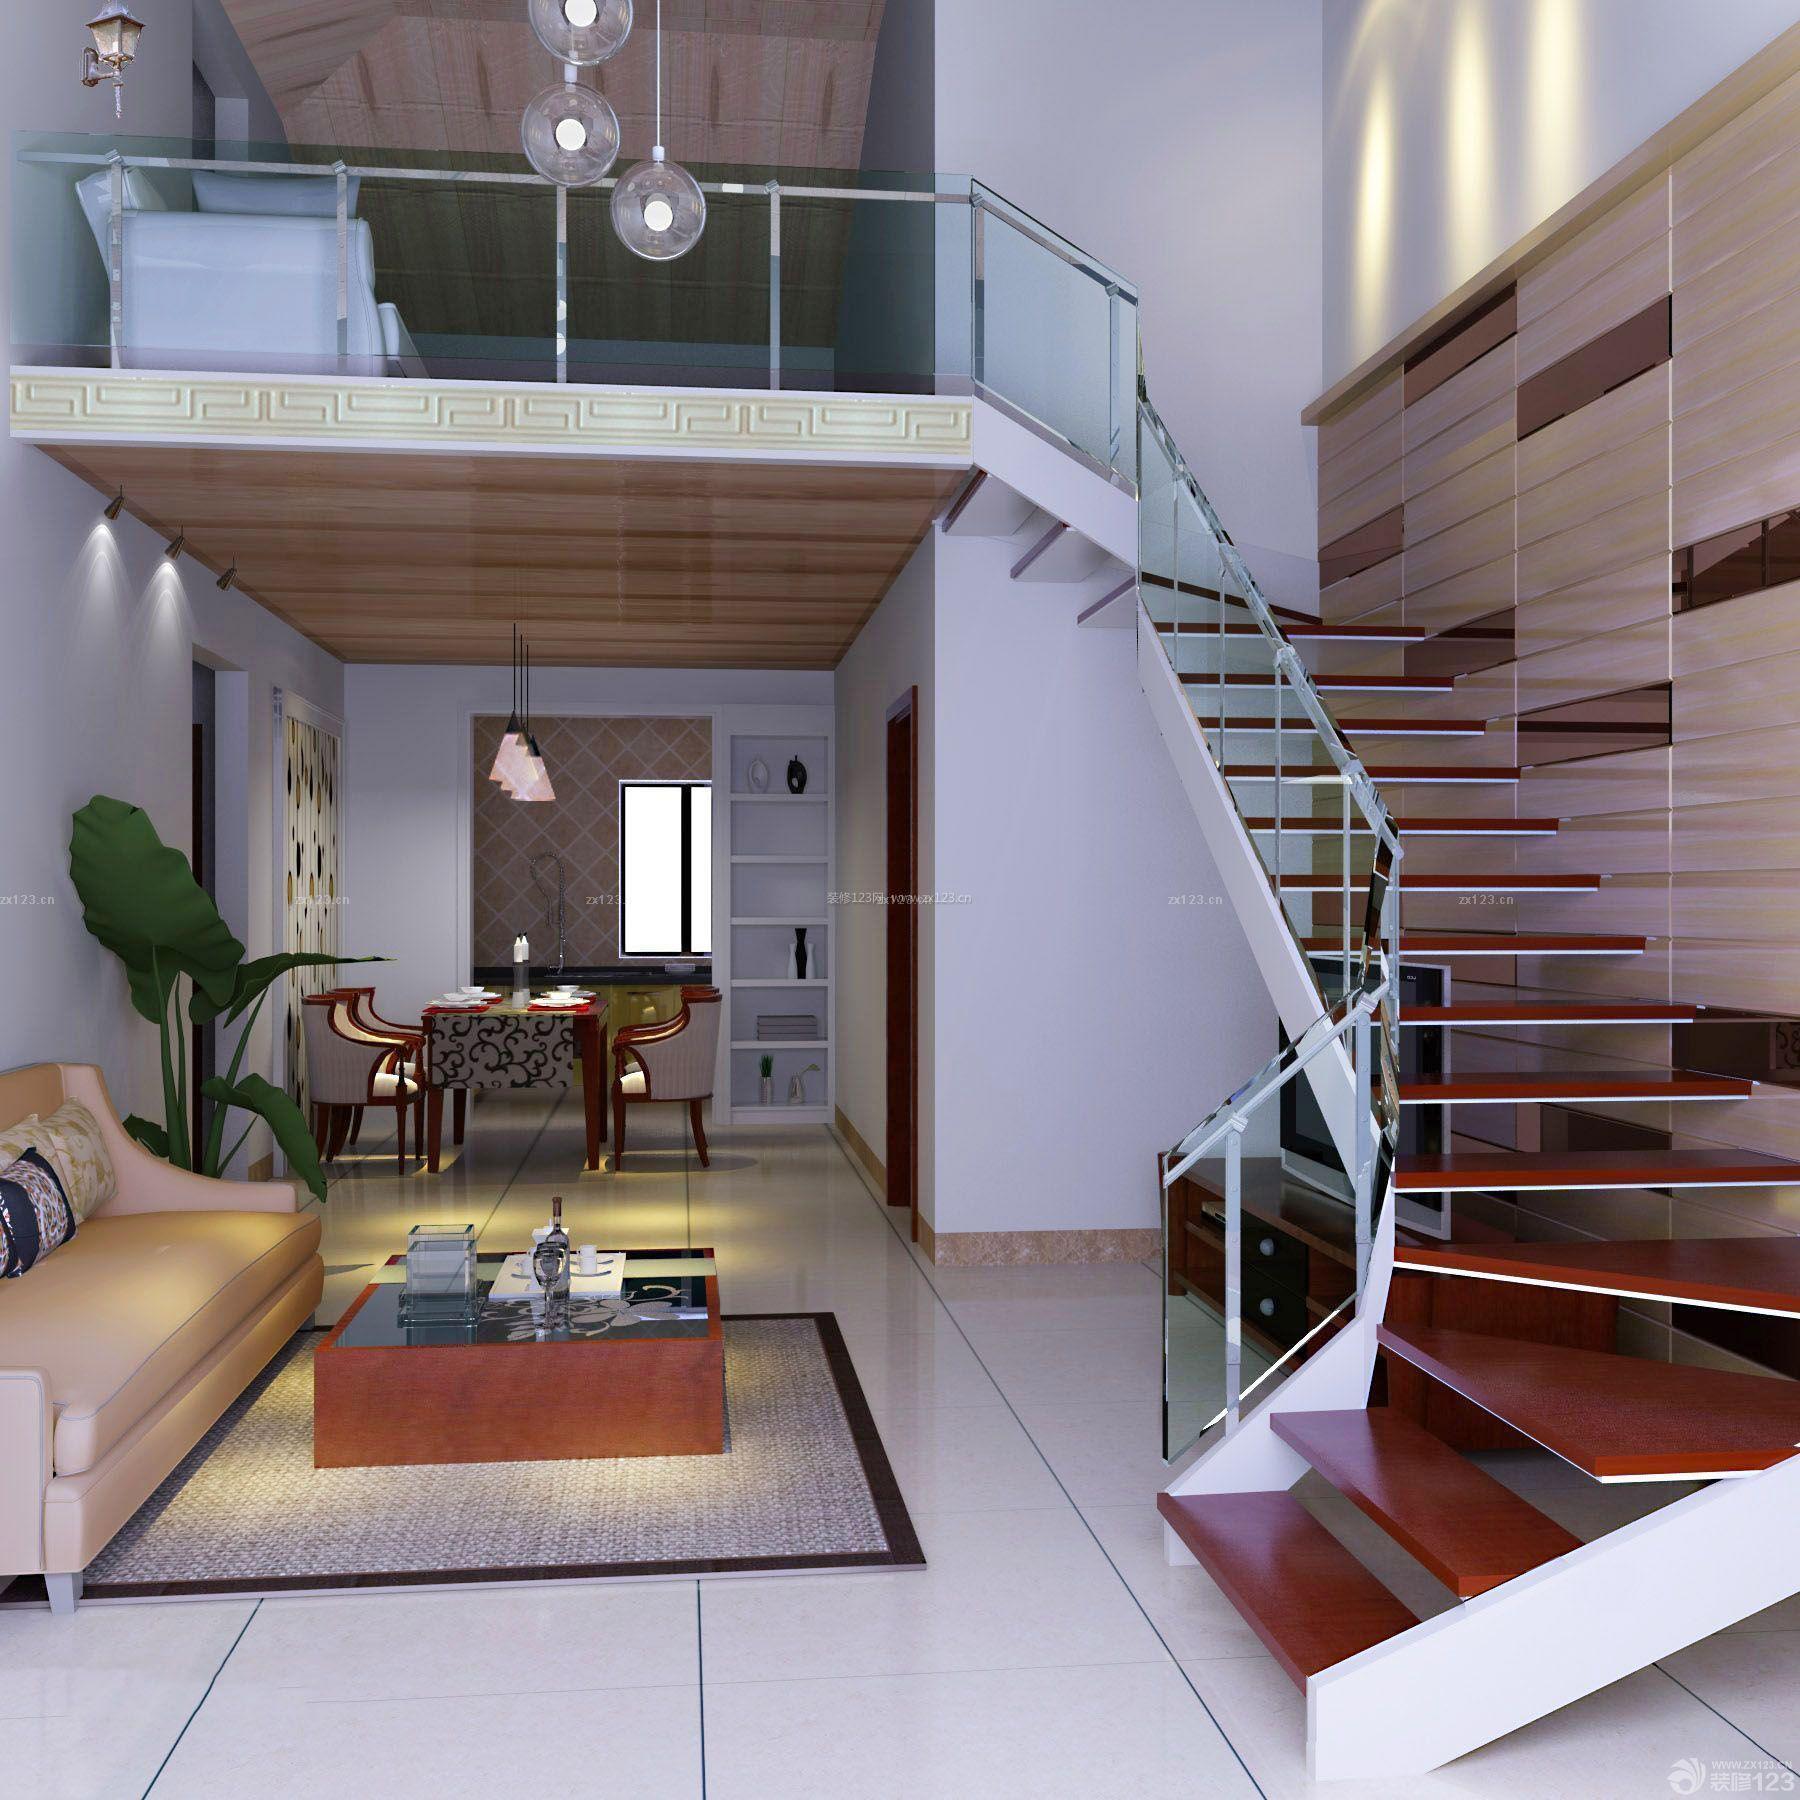 80小户型家装复式楼装修效果图图片